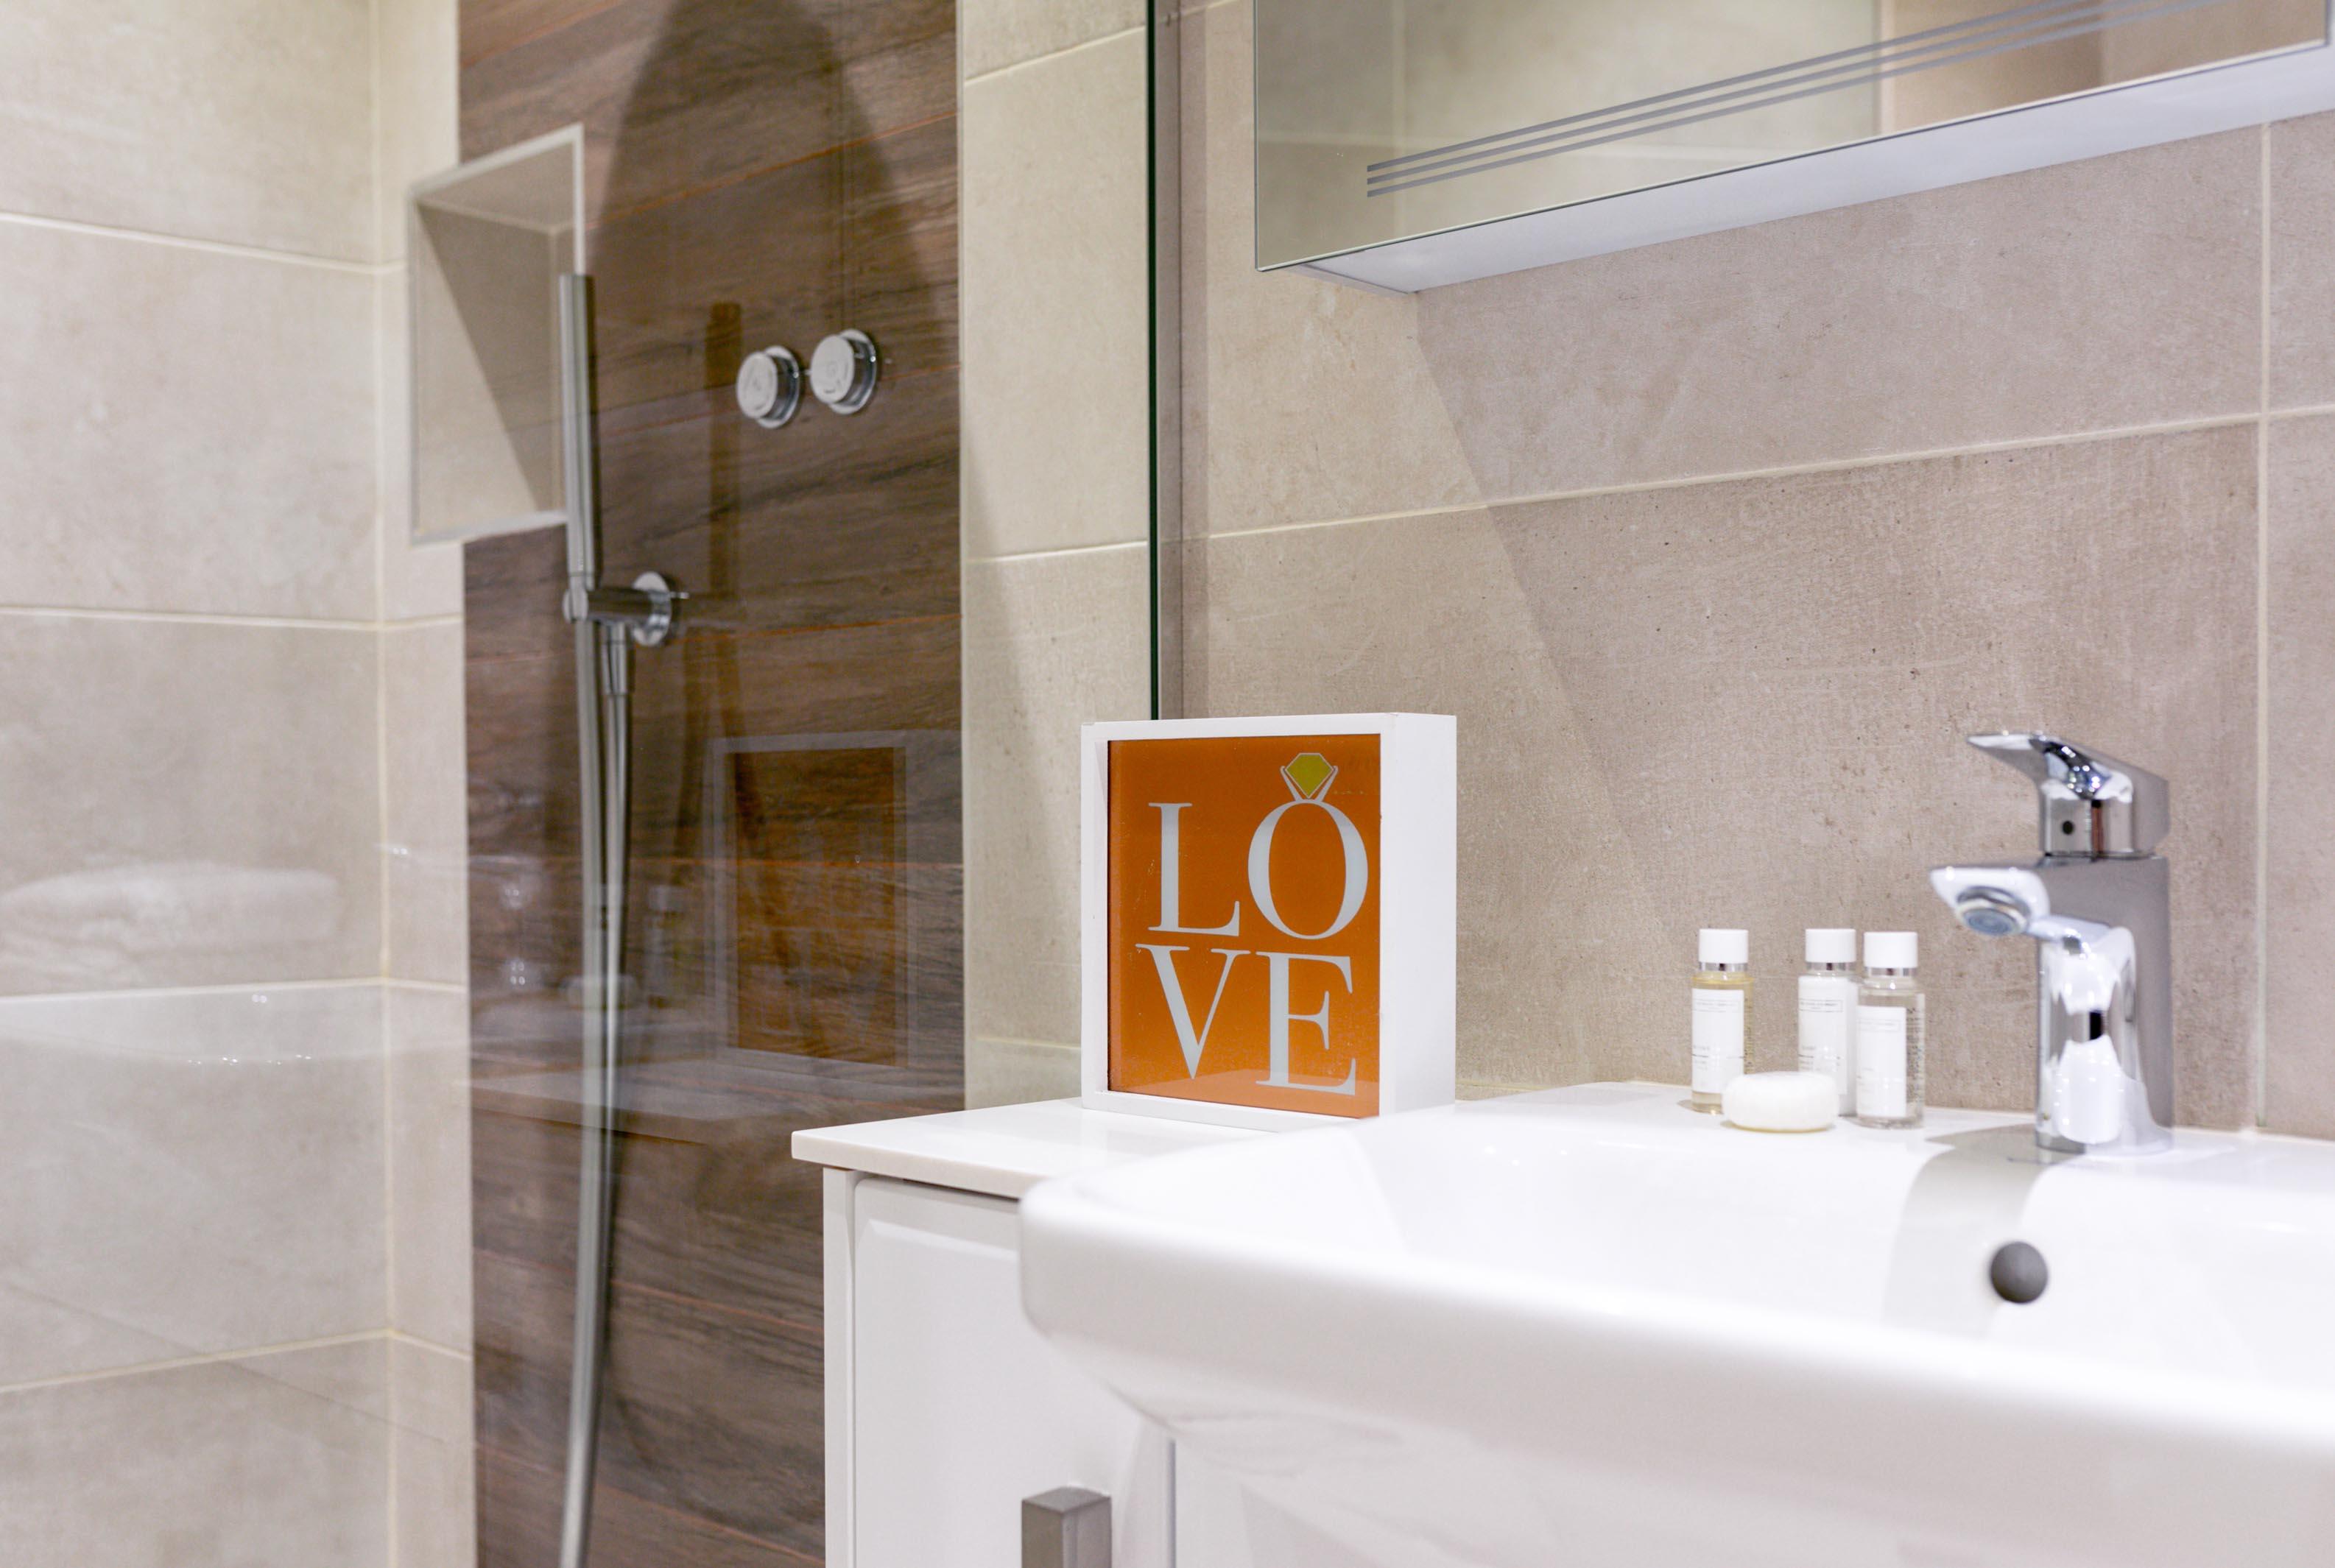 Lovelydays luxury service apartment rental - London - Fitzrovia - Wells Mews B - Lovelysuite - 2 bedrooms - 2 bathrooms - Lovely shower - cd72acd5fae9 - Lovelydays